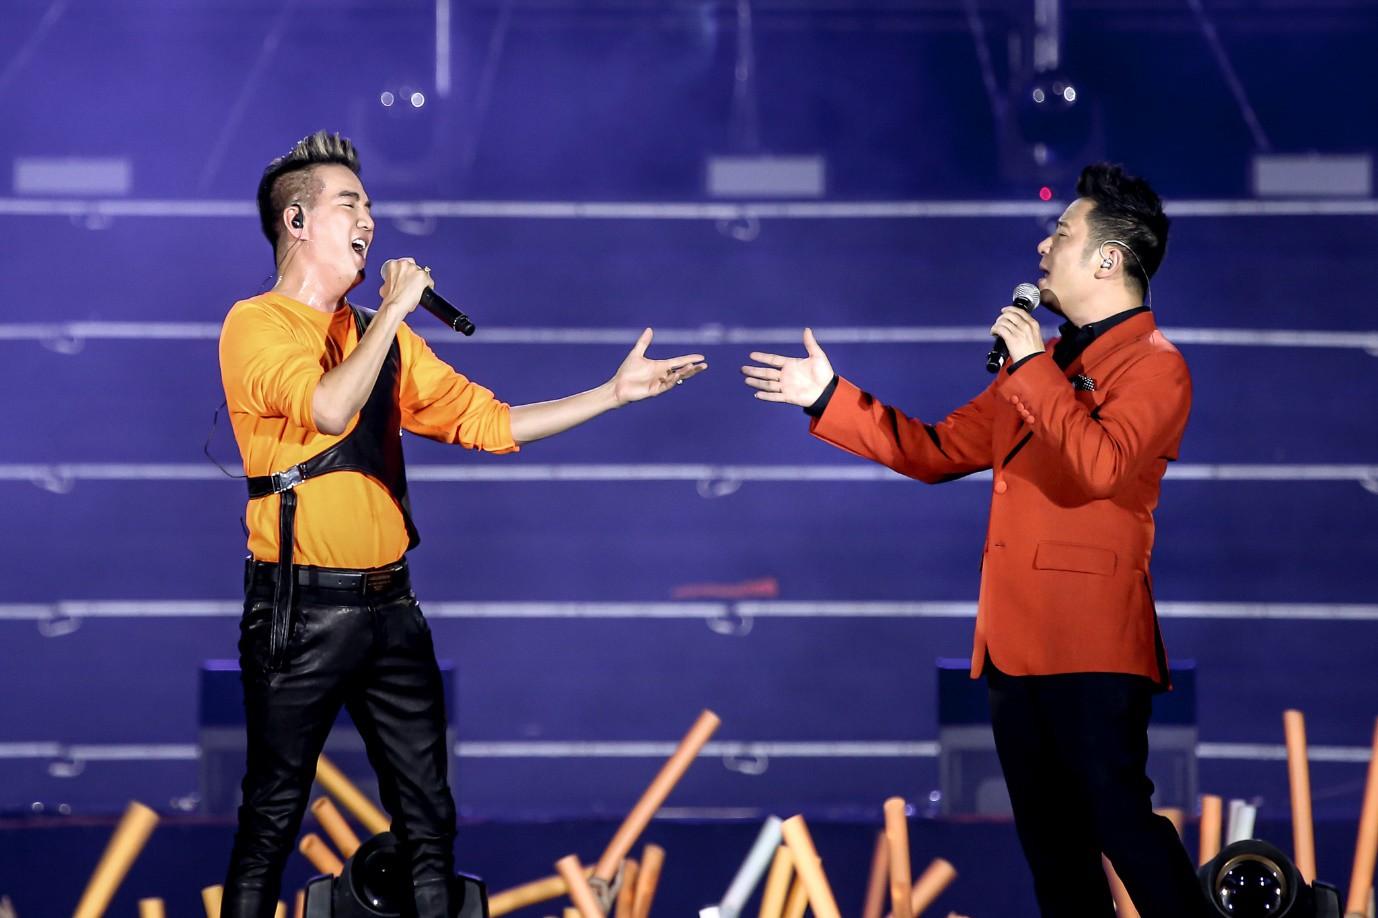 Sơn Tùng M-TP, Đen Vâu, Tóc Tiên, Hồ Ngọc Hà… mang đến quá nhiều màn trình diễn đỉnh cao tại FWD Music Fest - Ảnh 6.